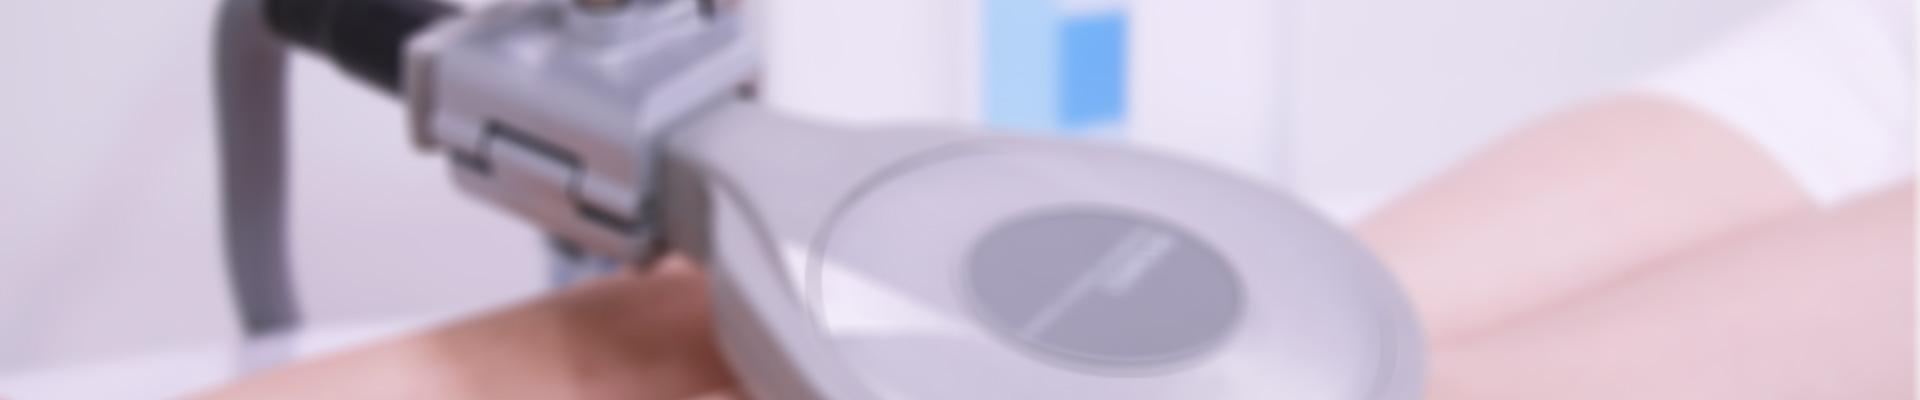 Mastermed - Prodaja medicinskih aparata